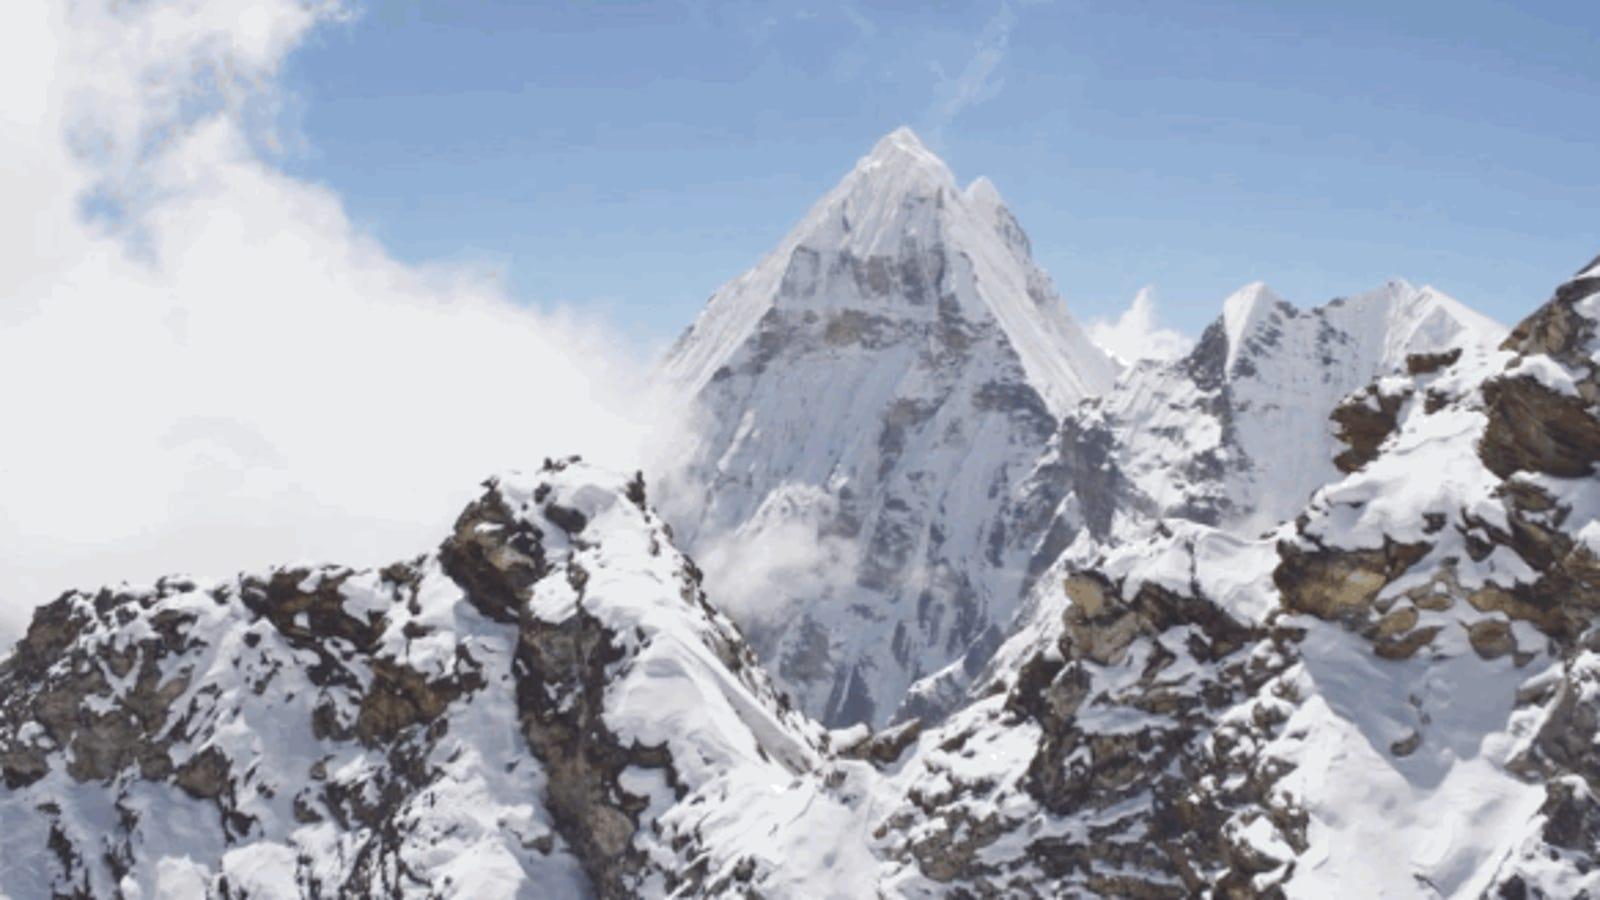 Vuela sobre el Himalaya con este impresionante vídeo aéreo en UltraHD